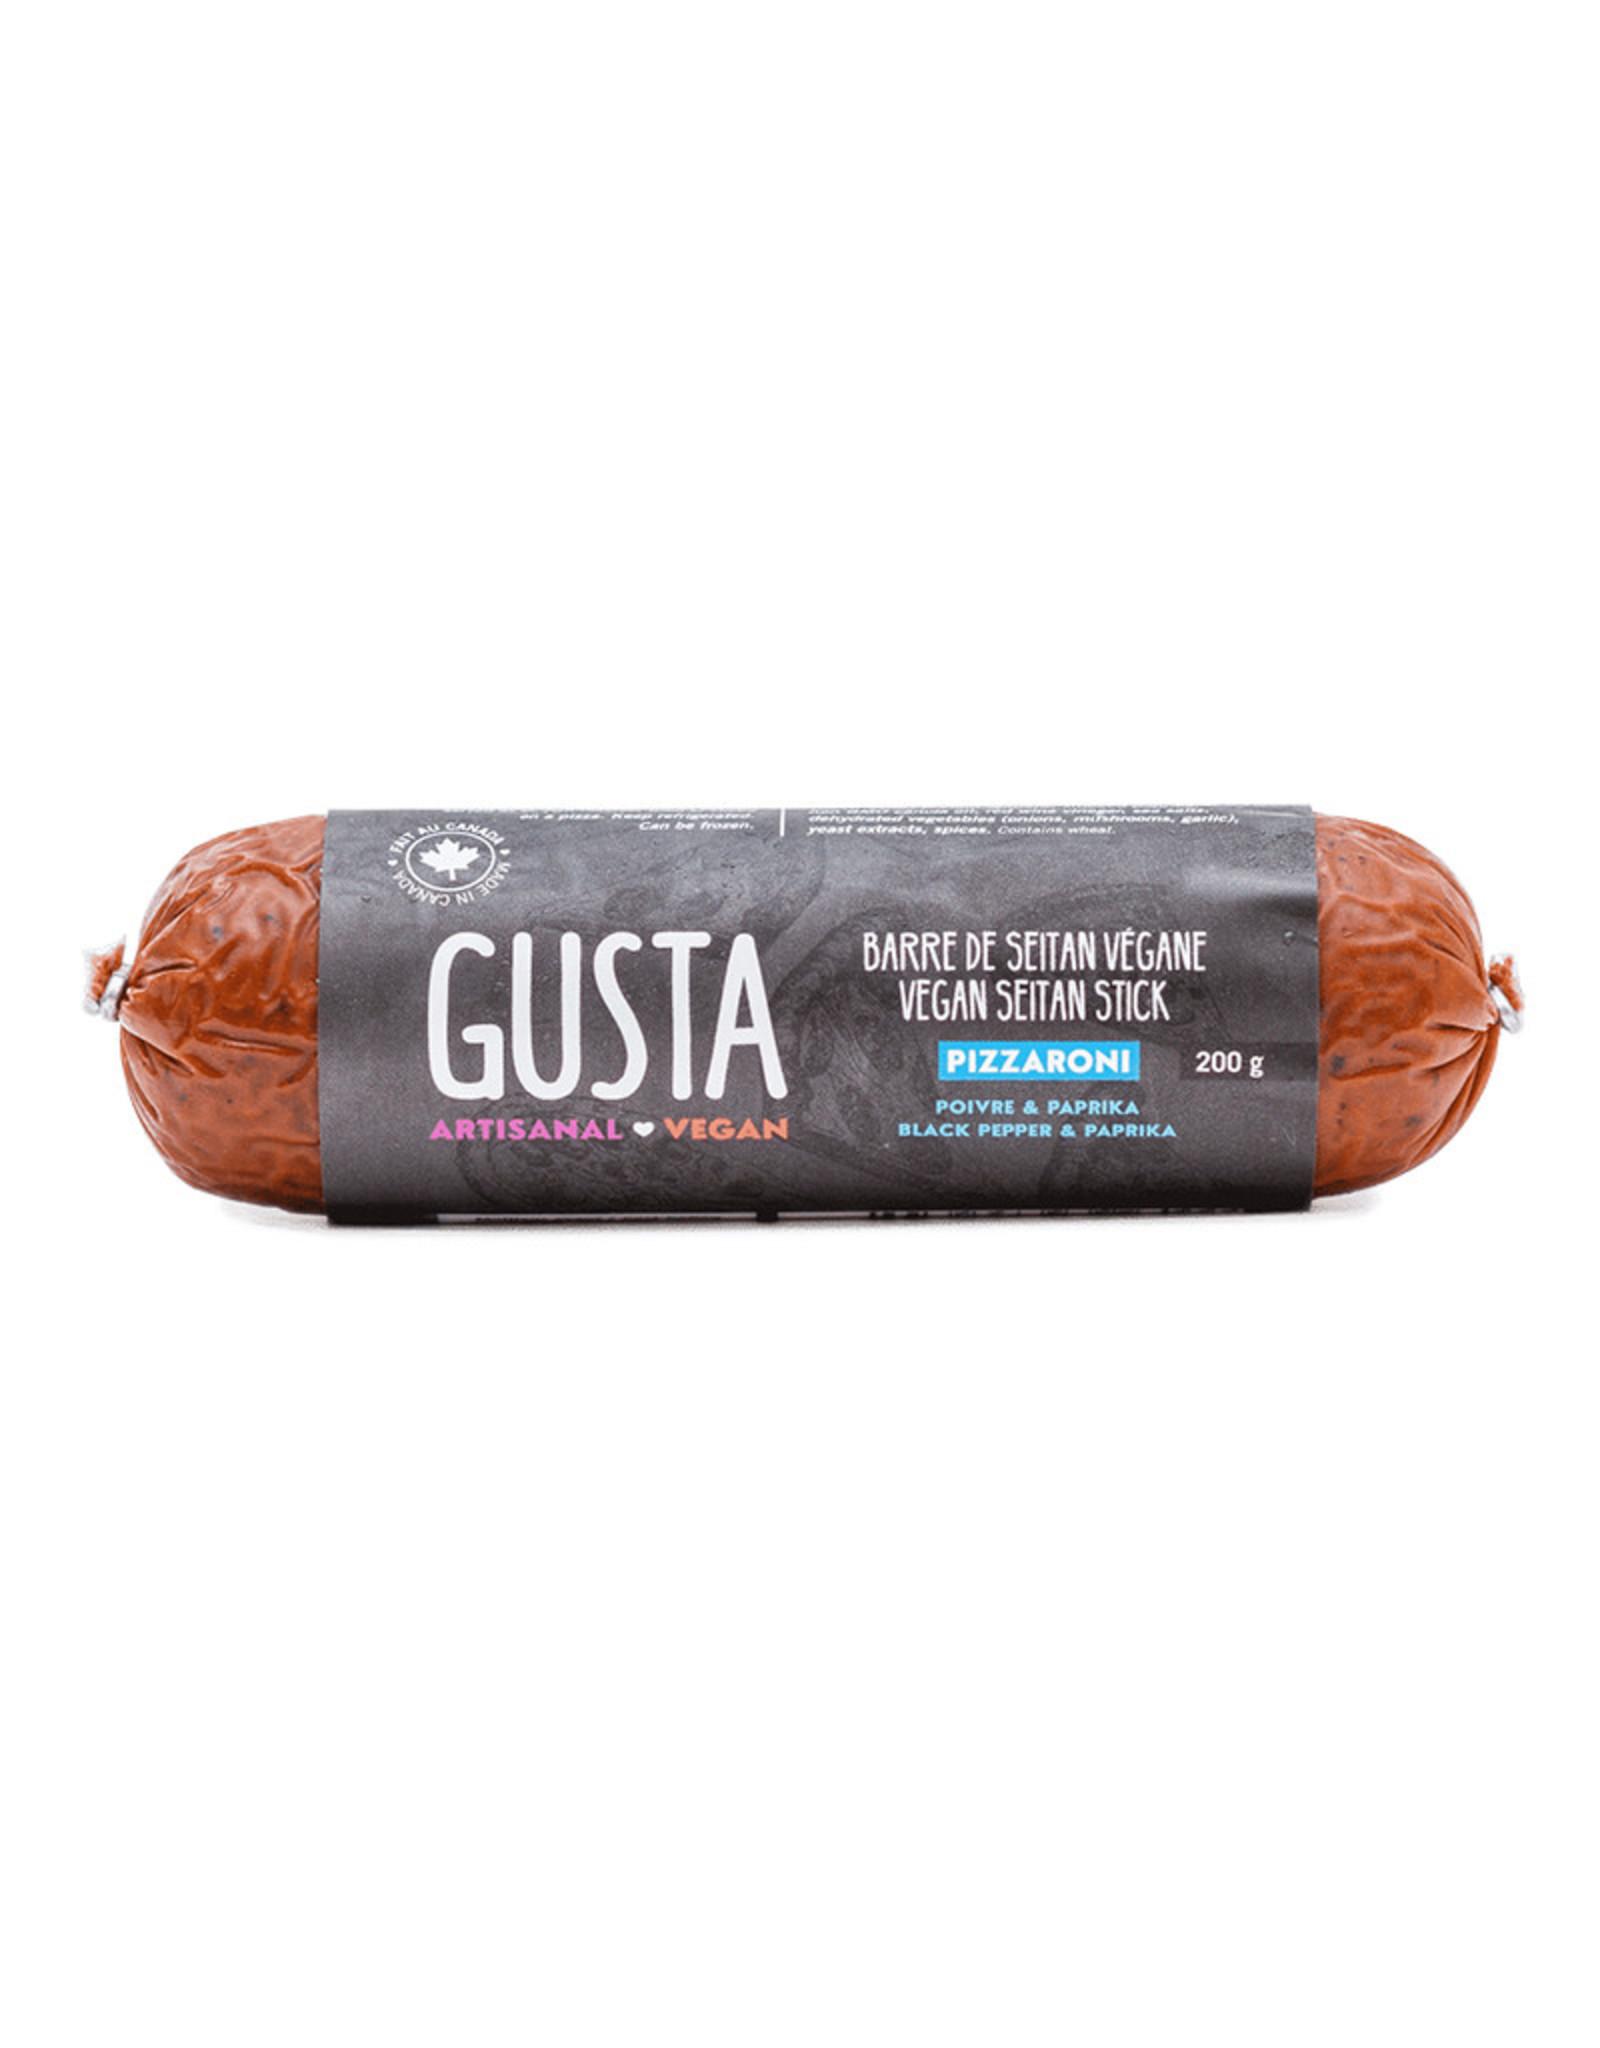 Gusta Gusta - Vegan Seitan Stick, Pizzaroni (200g)